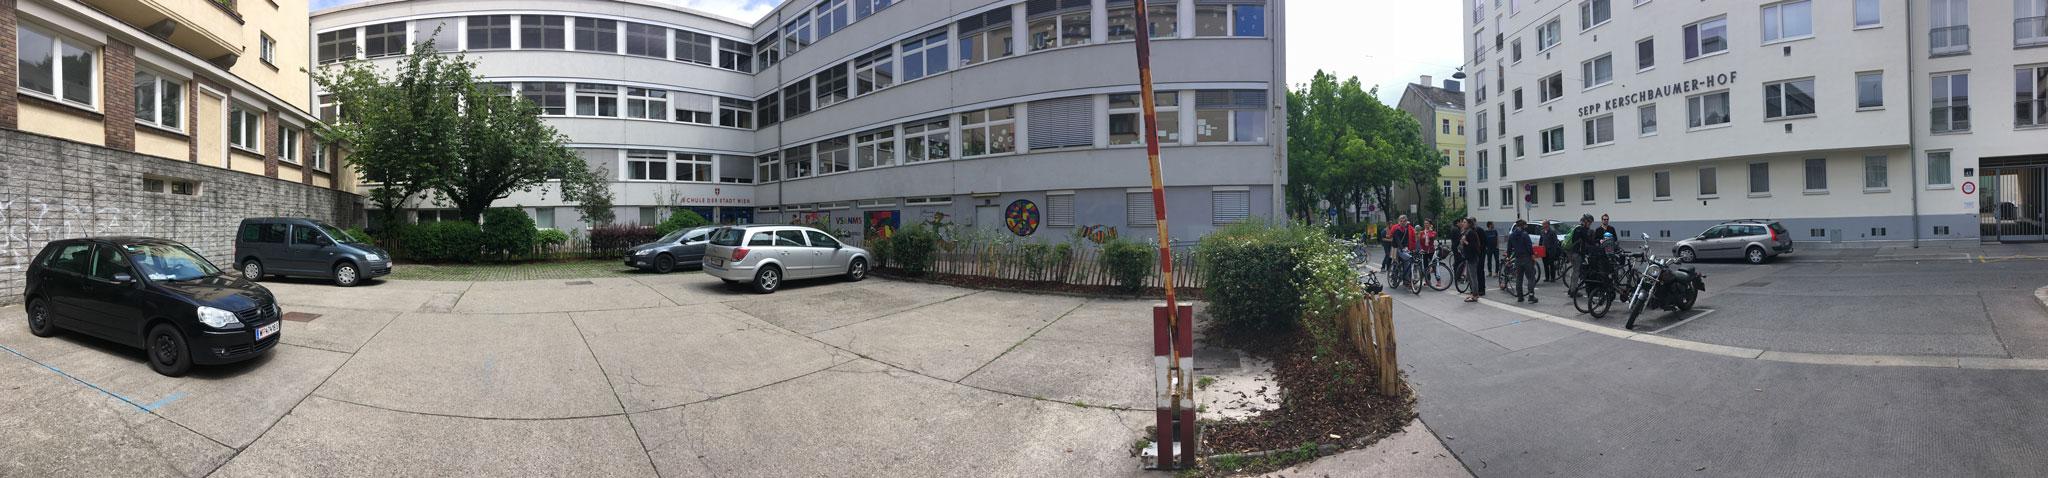 SmarterThanCar_kommraus_Vom-Parkplatz-zum-Lebensraum_pano